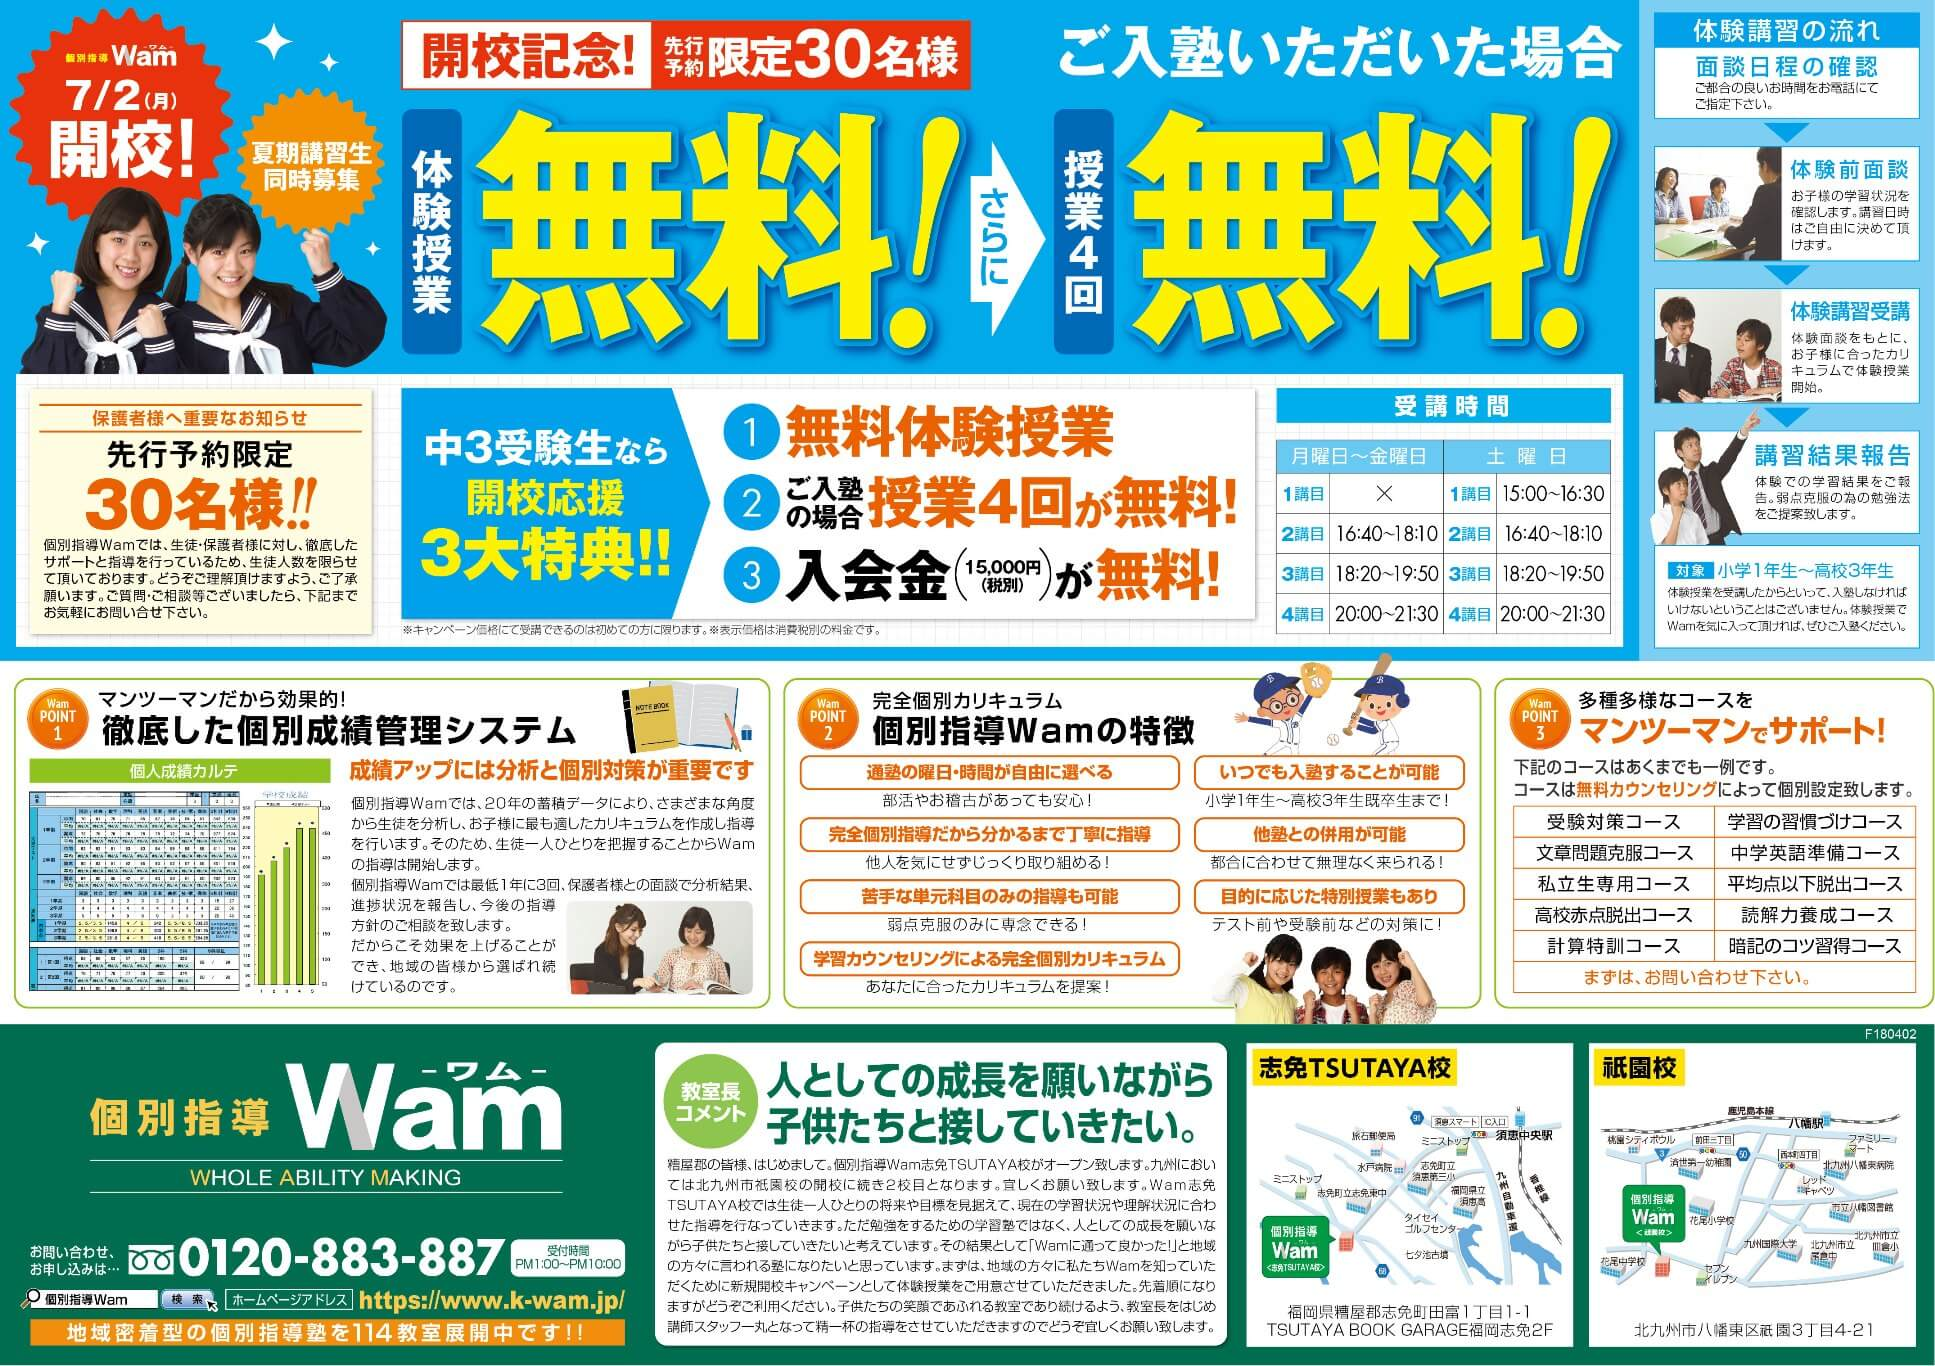 志免TSUTAYA校 2018年7月2日(月) オープン・ウラ面